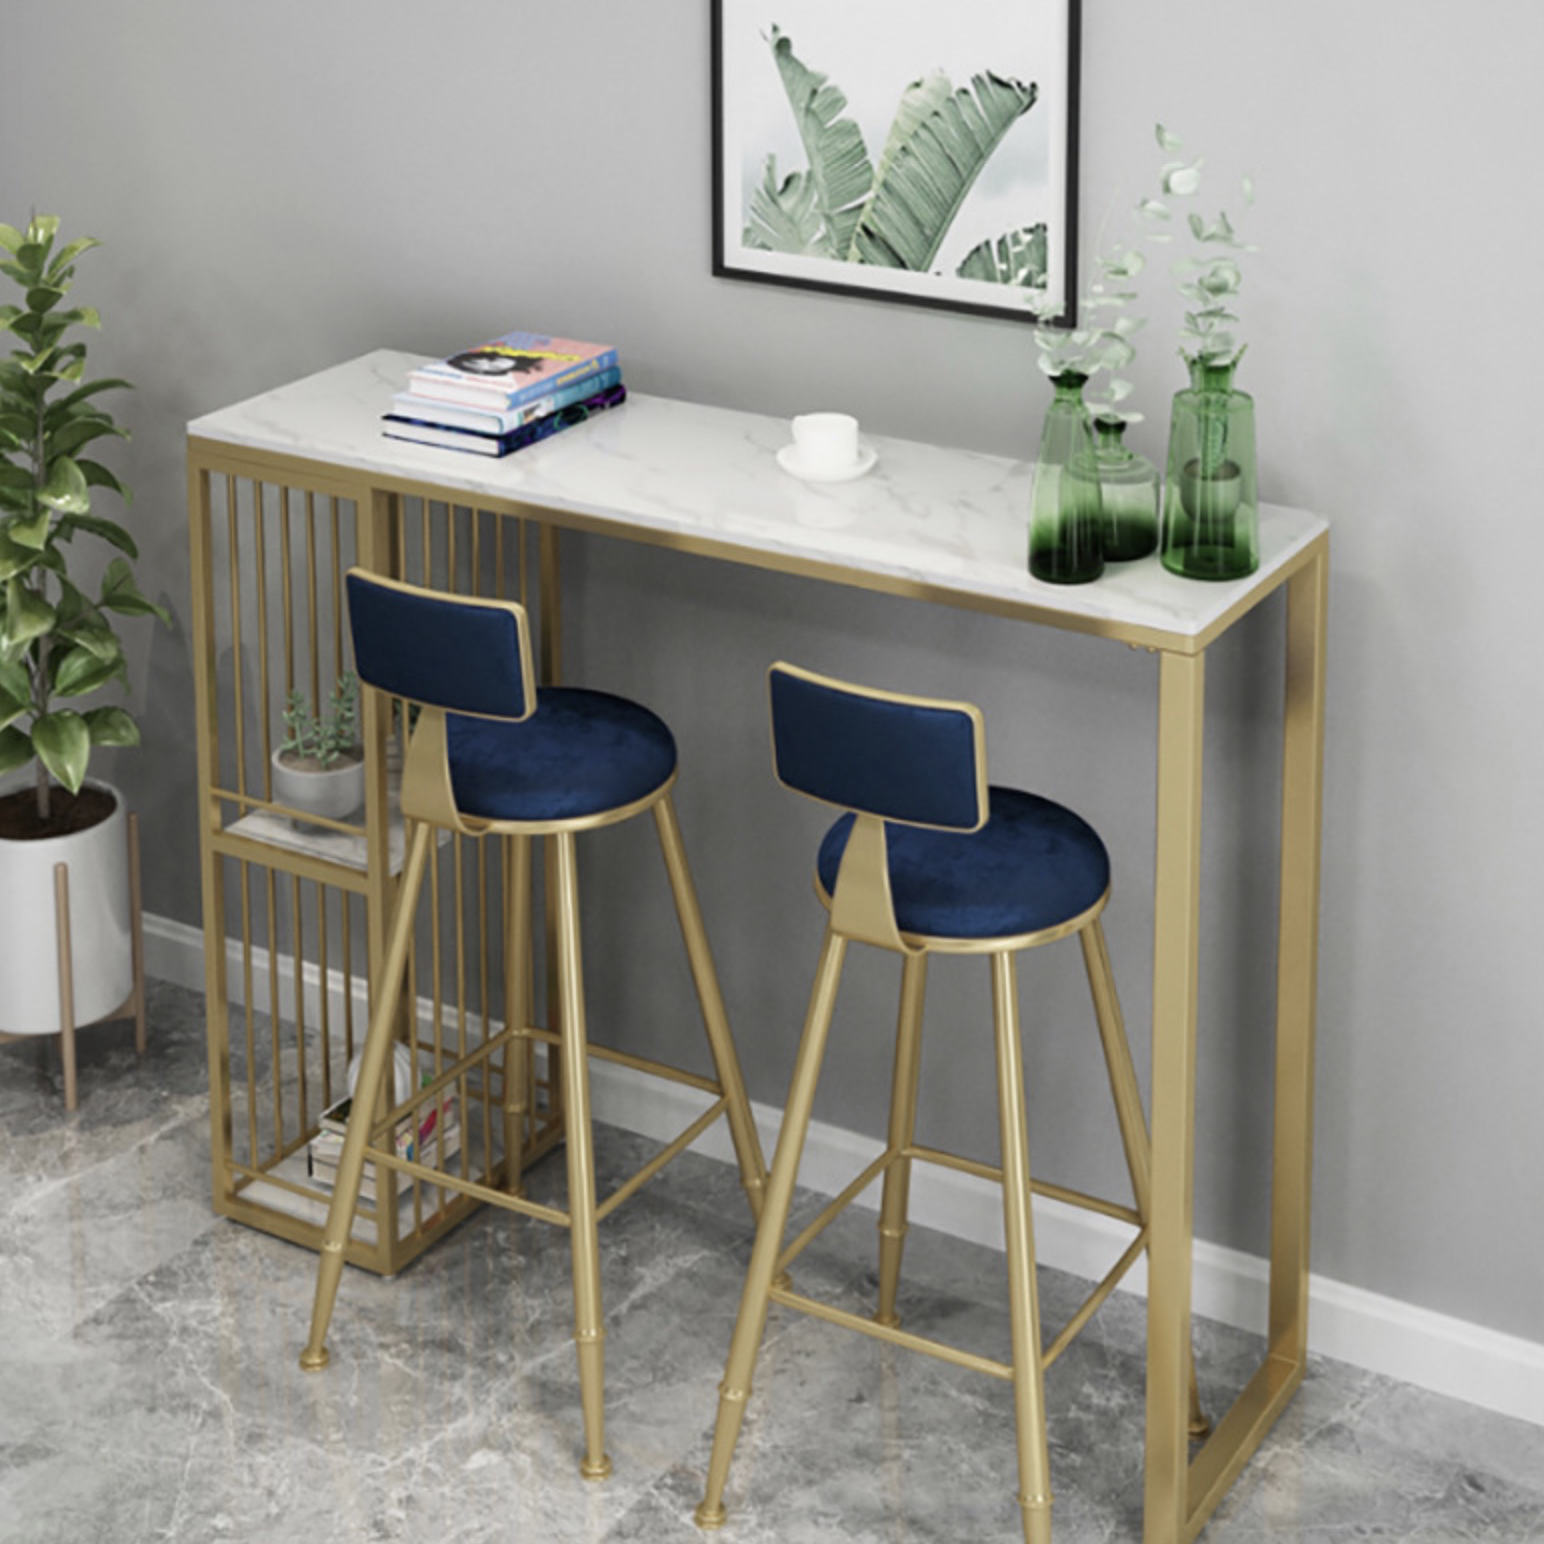 메리로이 북유럽 골드 벨벳 홈바 테이블 의자(단품 세트구매가능), 의자딥그린